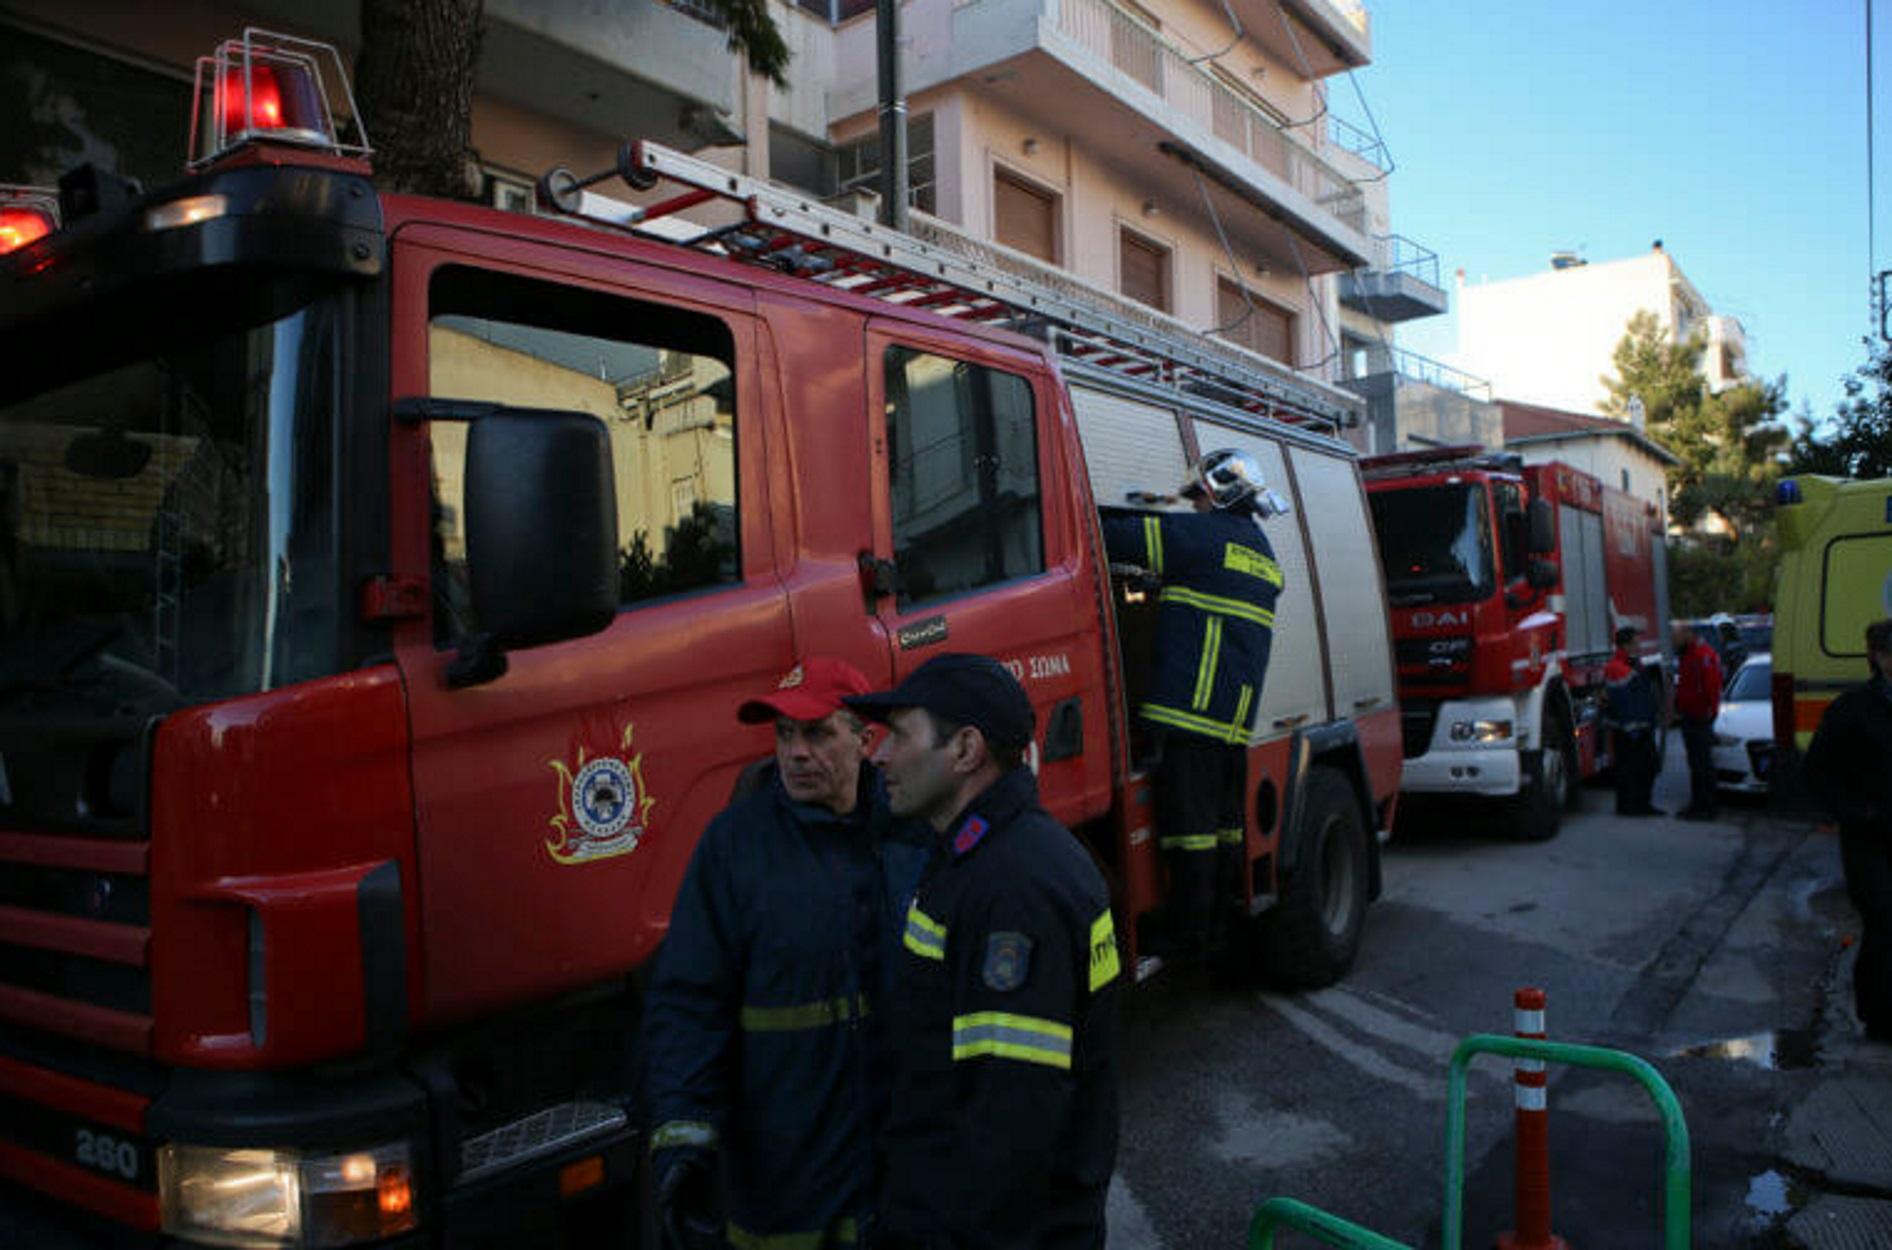 Απεγκλωβίστηκε γυναίκα από φλεγόμενο διαμέρισμα στον Άλιμο - Ελέγχεται η φωτιά στο Λαύριο